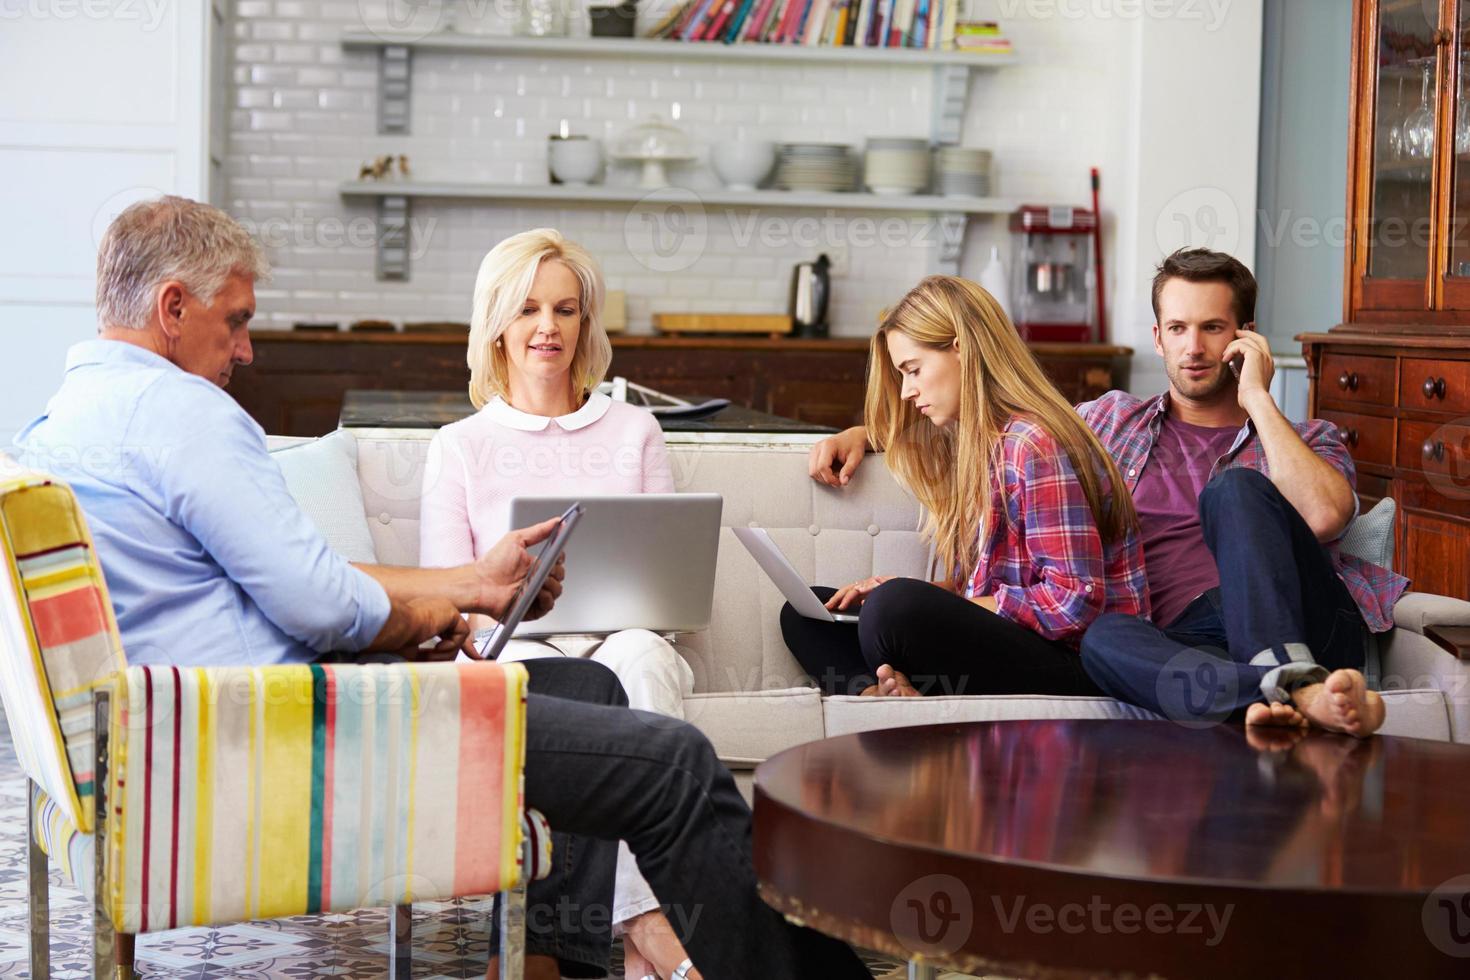 padres con hijos adultos que usan dispositivos digitales en casa foto